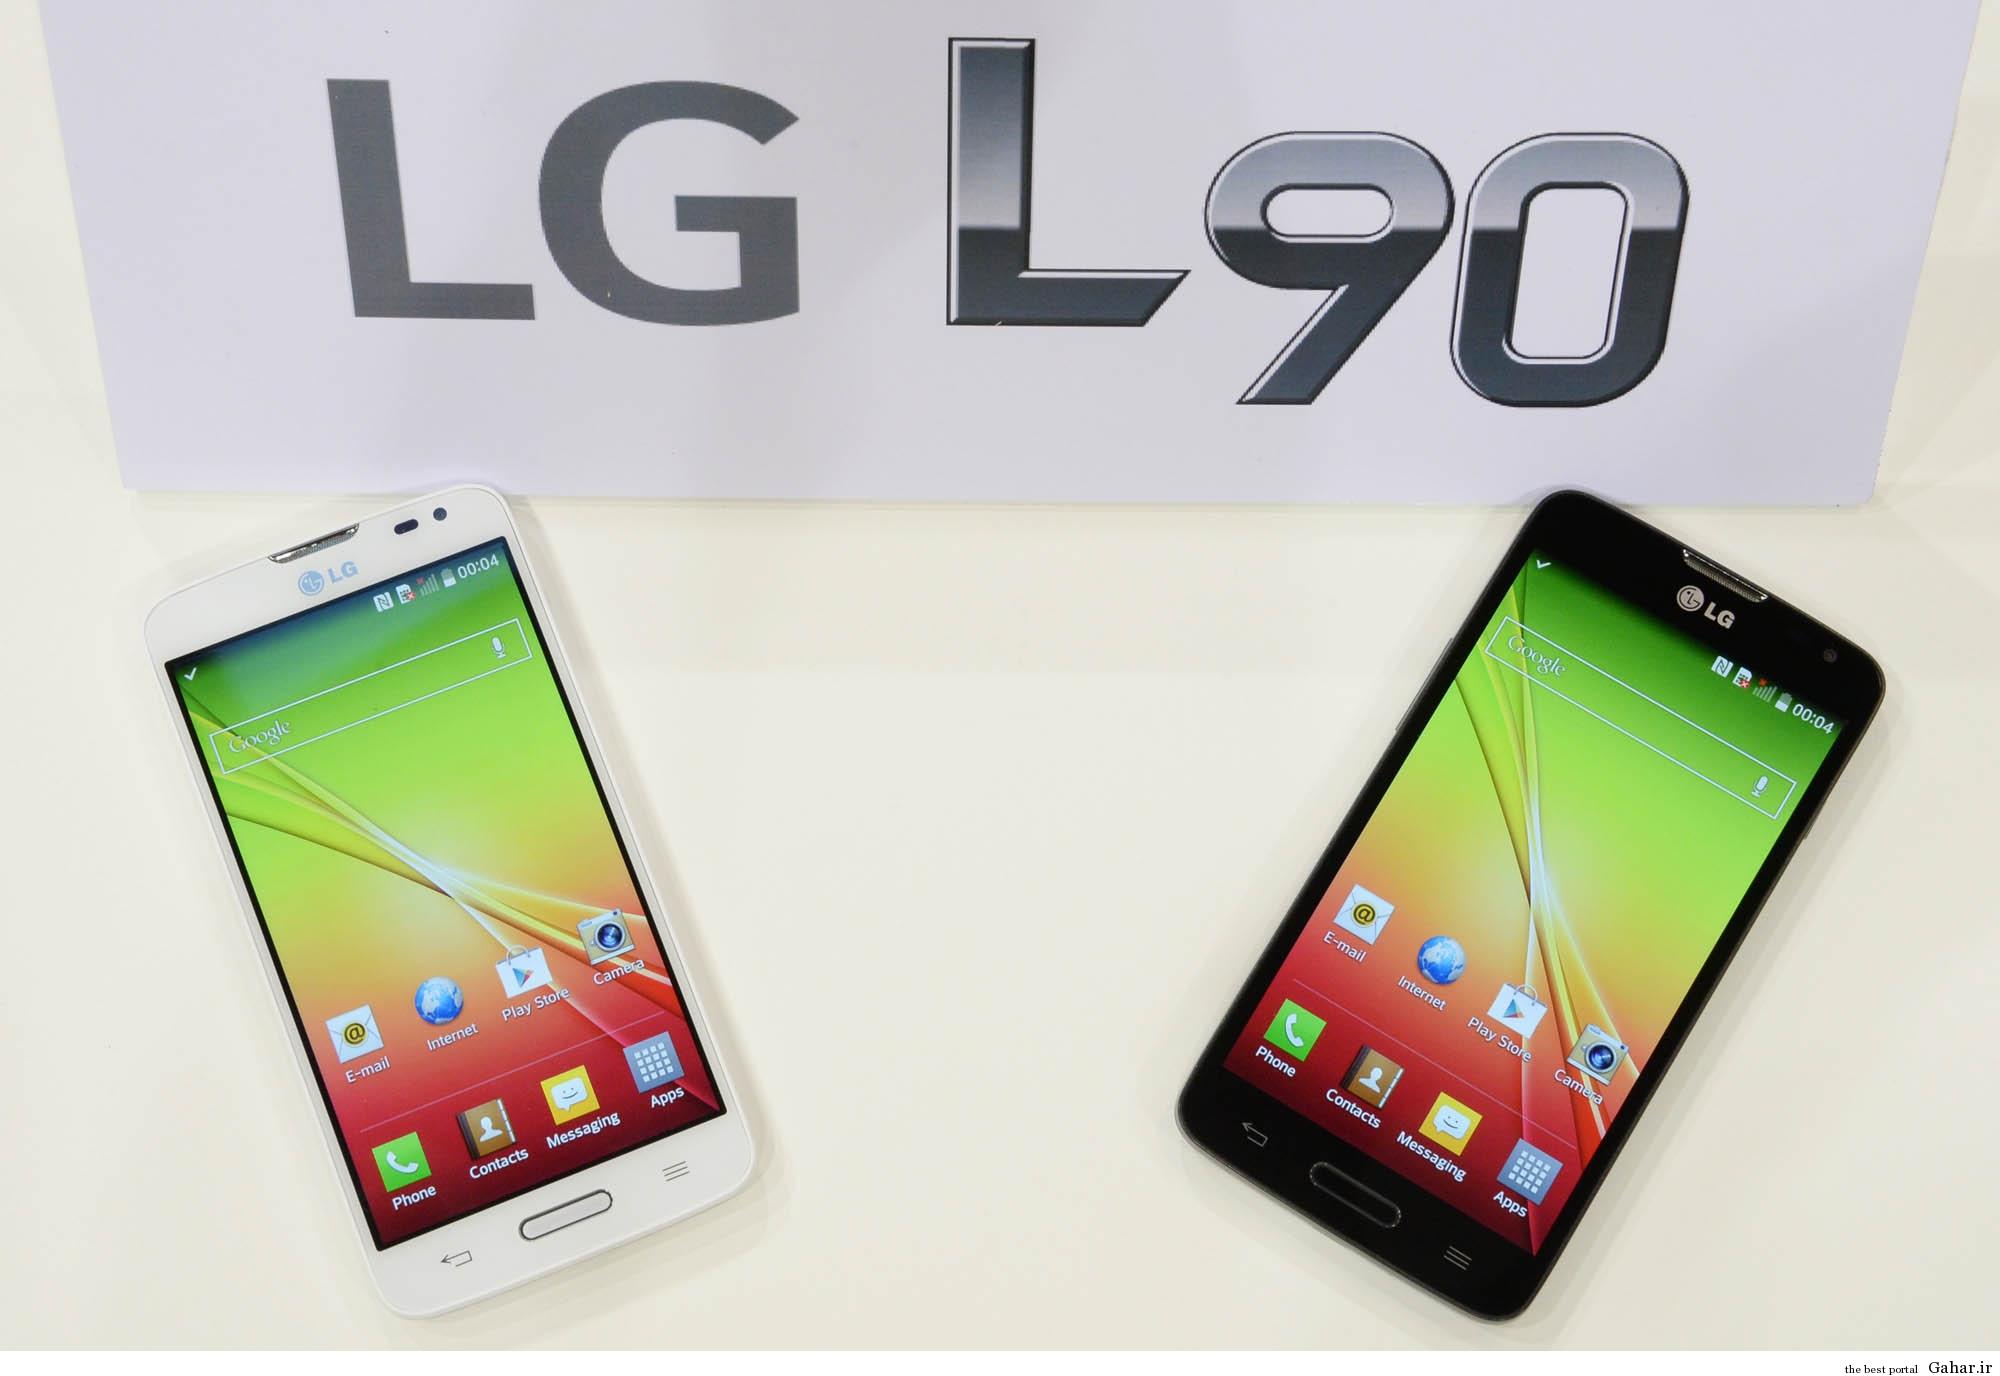 1 2081685 169 معرفی جدیدترین گوشی LG سری L